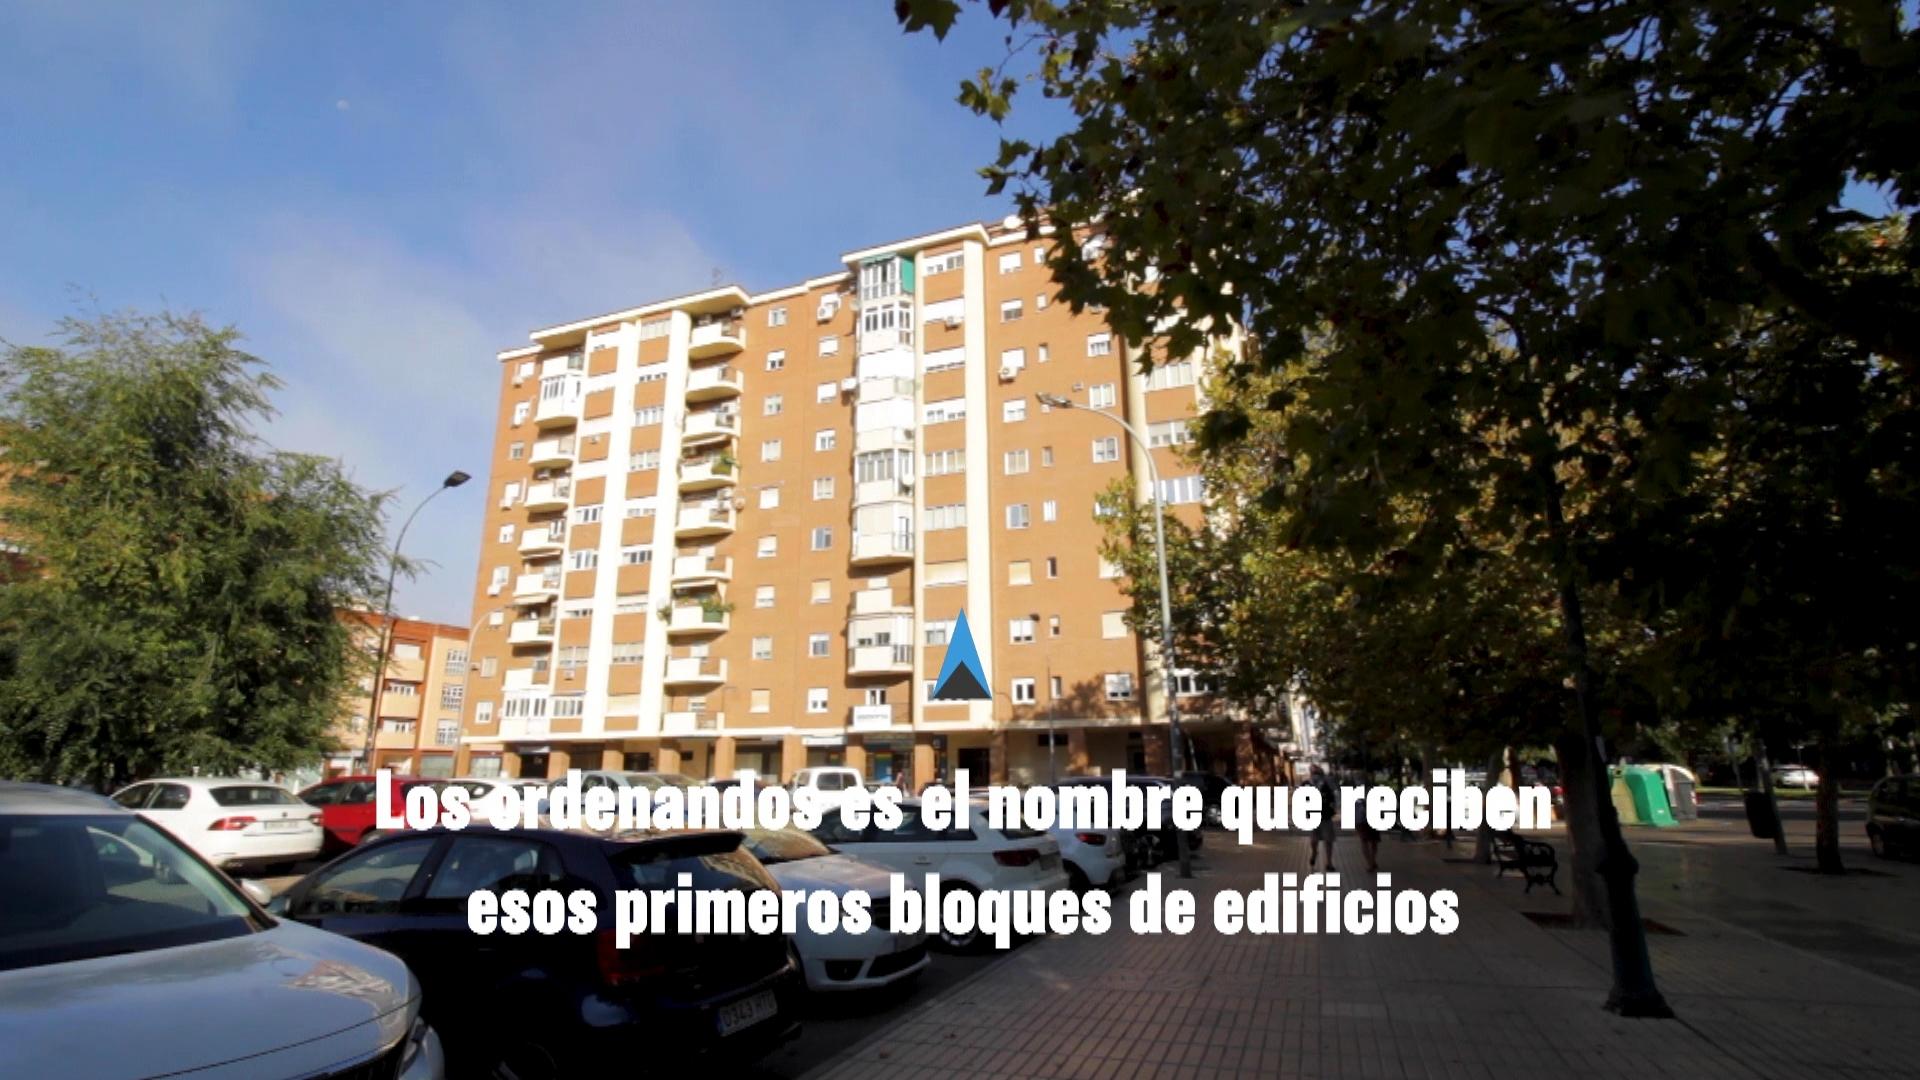 Velaí: Barrio de Valdepasillas de Badajoz (28/10/20)